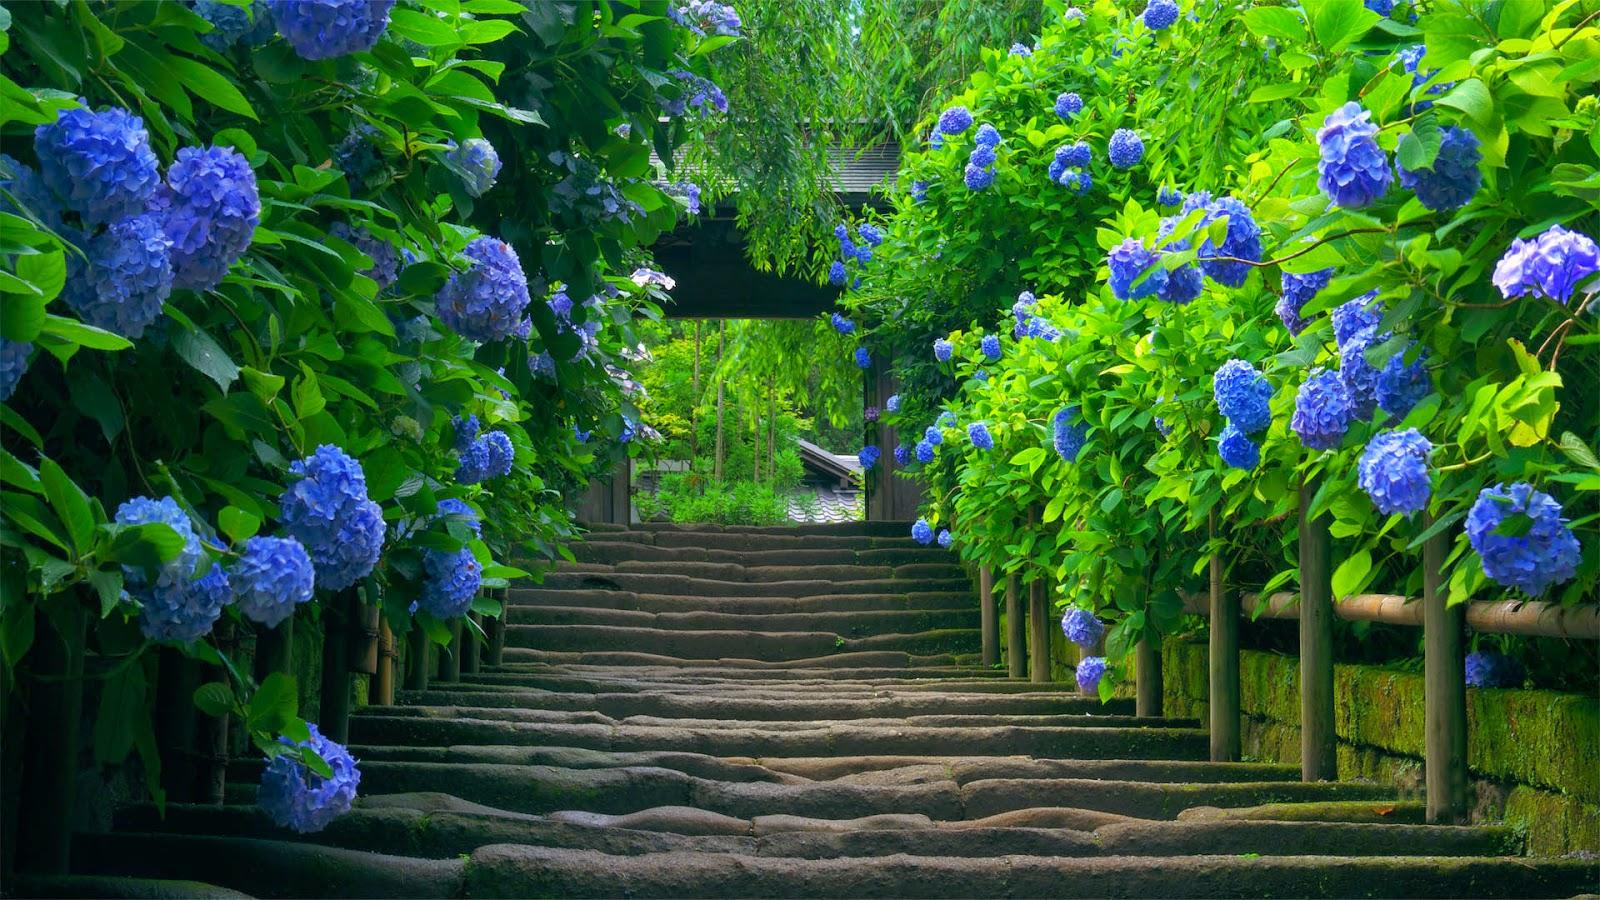 Beautiful Blue Flower Nature Hd Wallpaper Hd Wallpaper Desktop Background